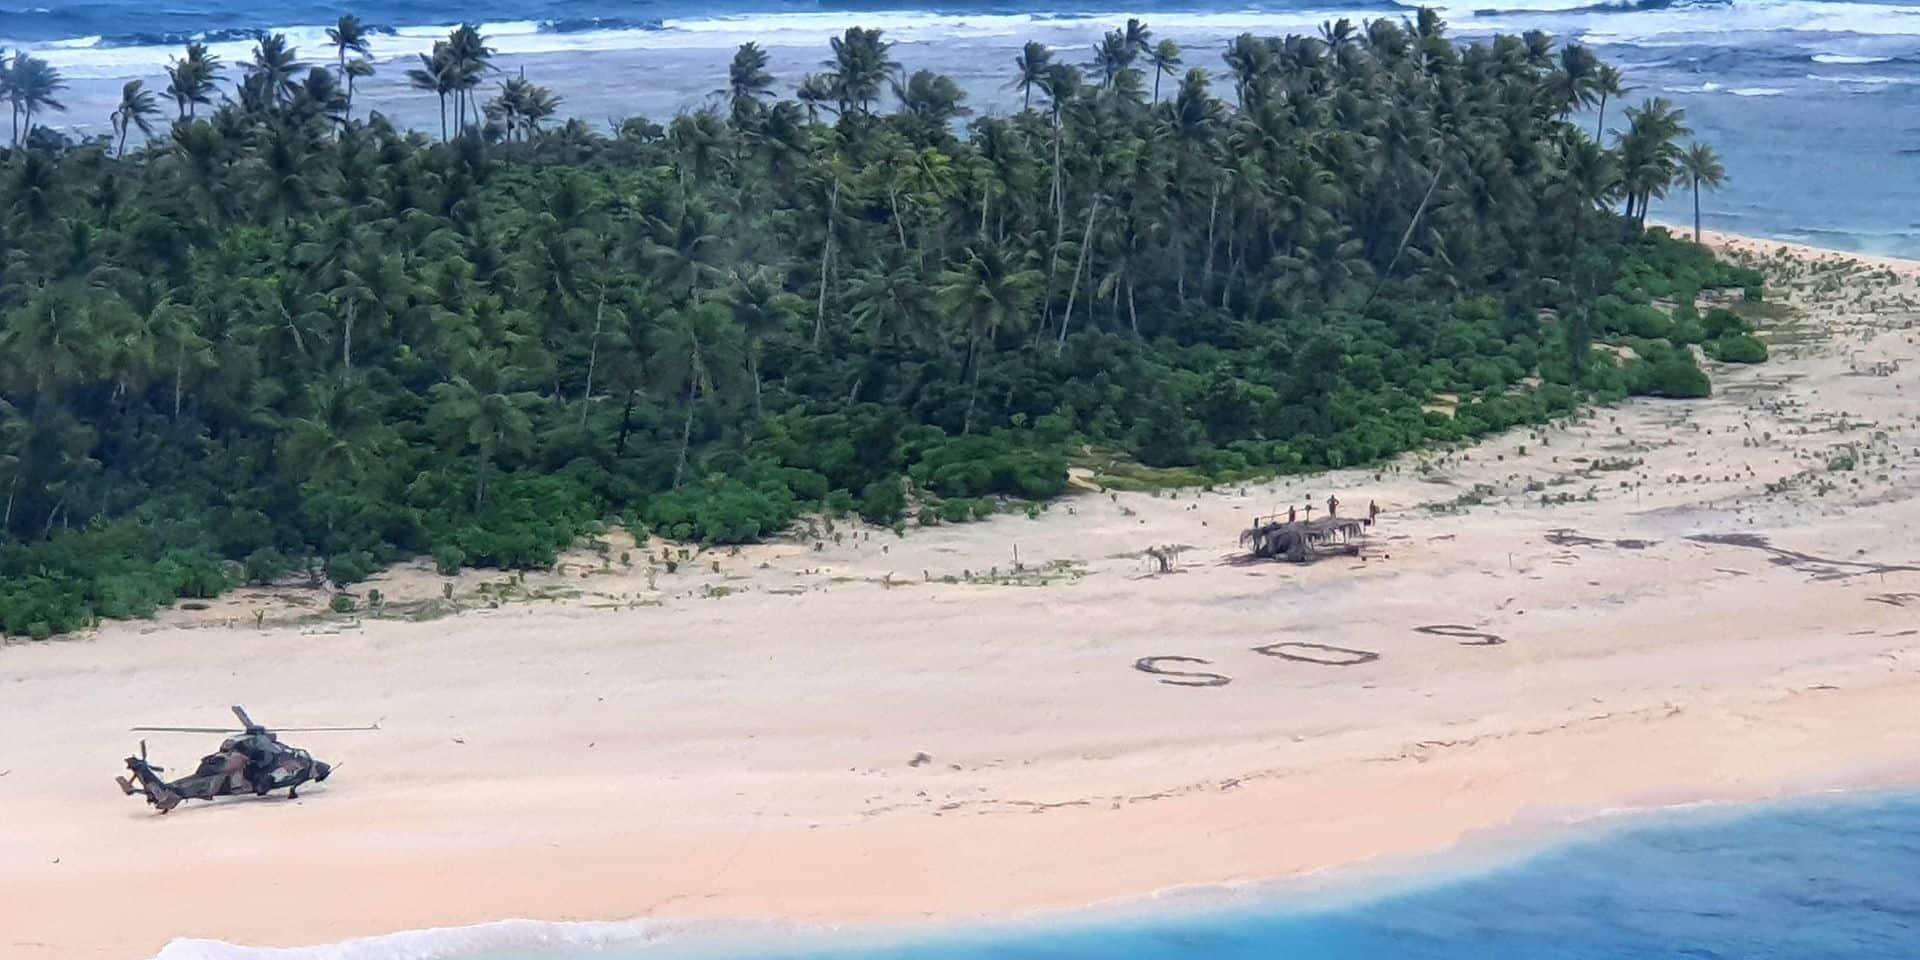 """Naufragés sur une petite île du Pacifique, ils sont sauvés grâce à leur """"SOS"""" géant écrit sur la plage"""